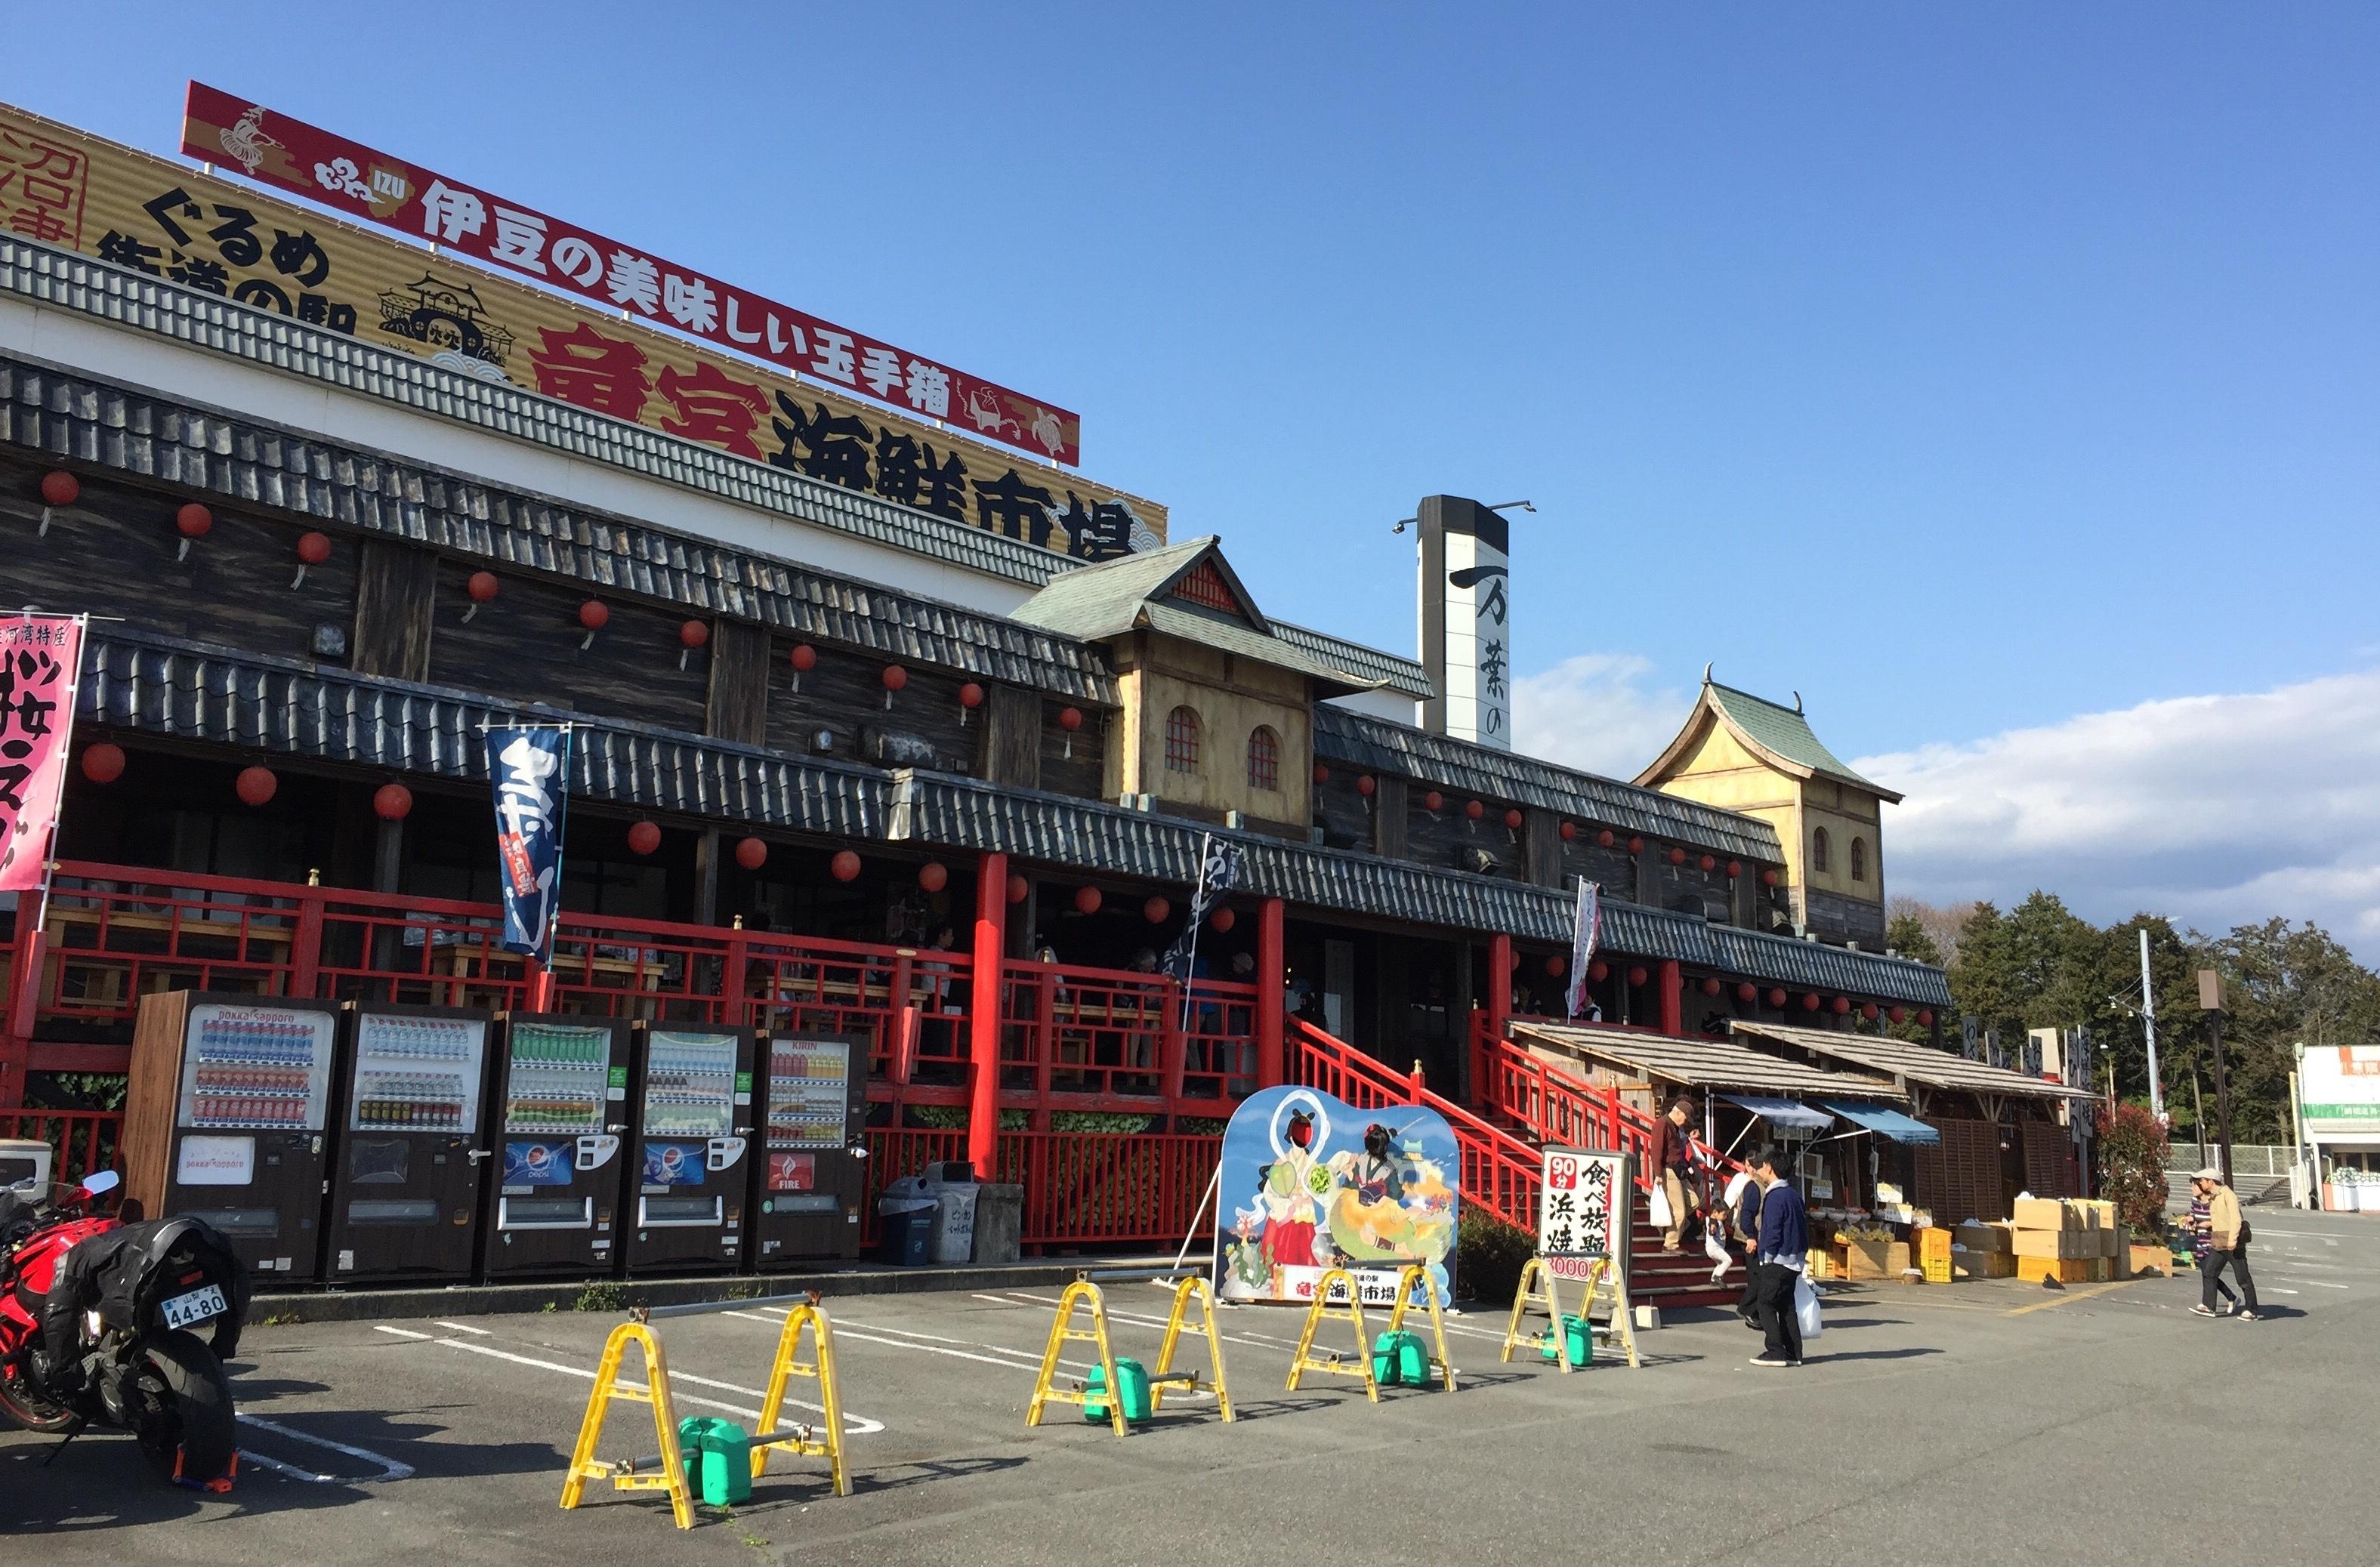 沼津ぐるめ街道の駅 竜宮海鮮市場